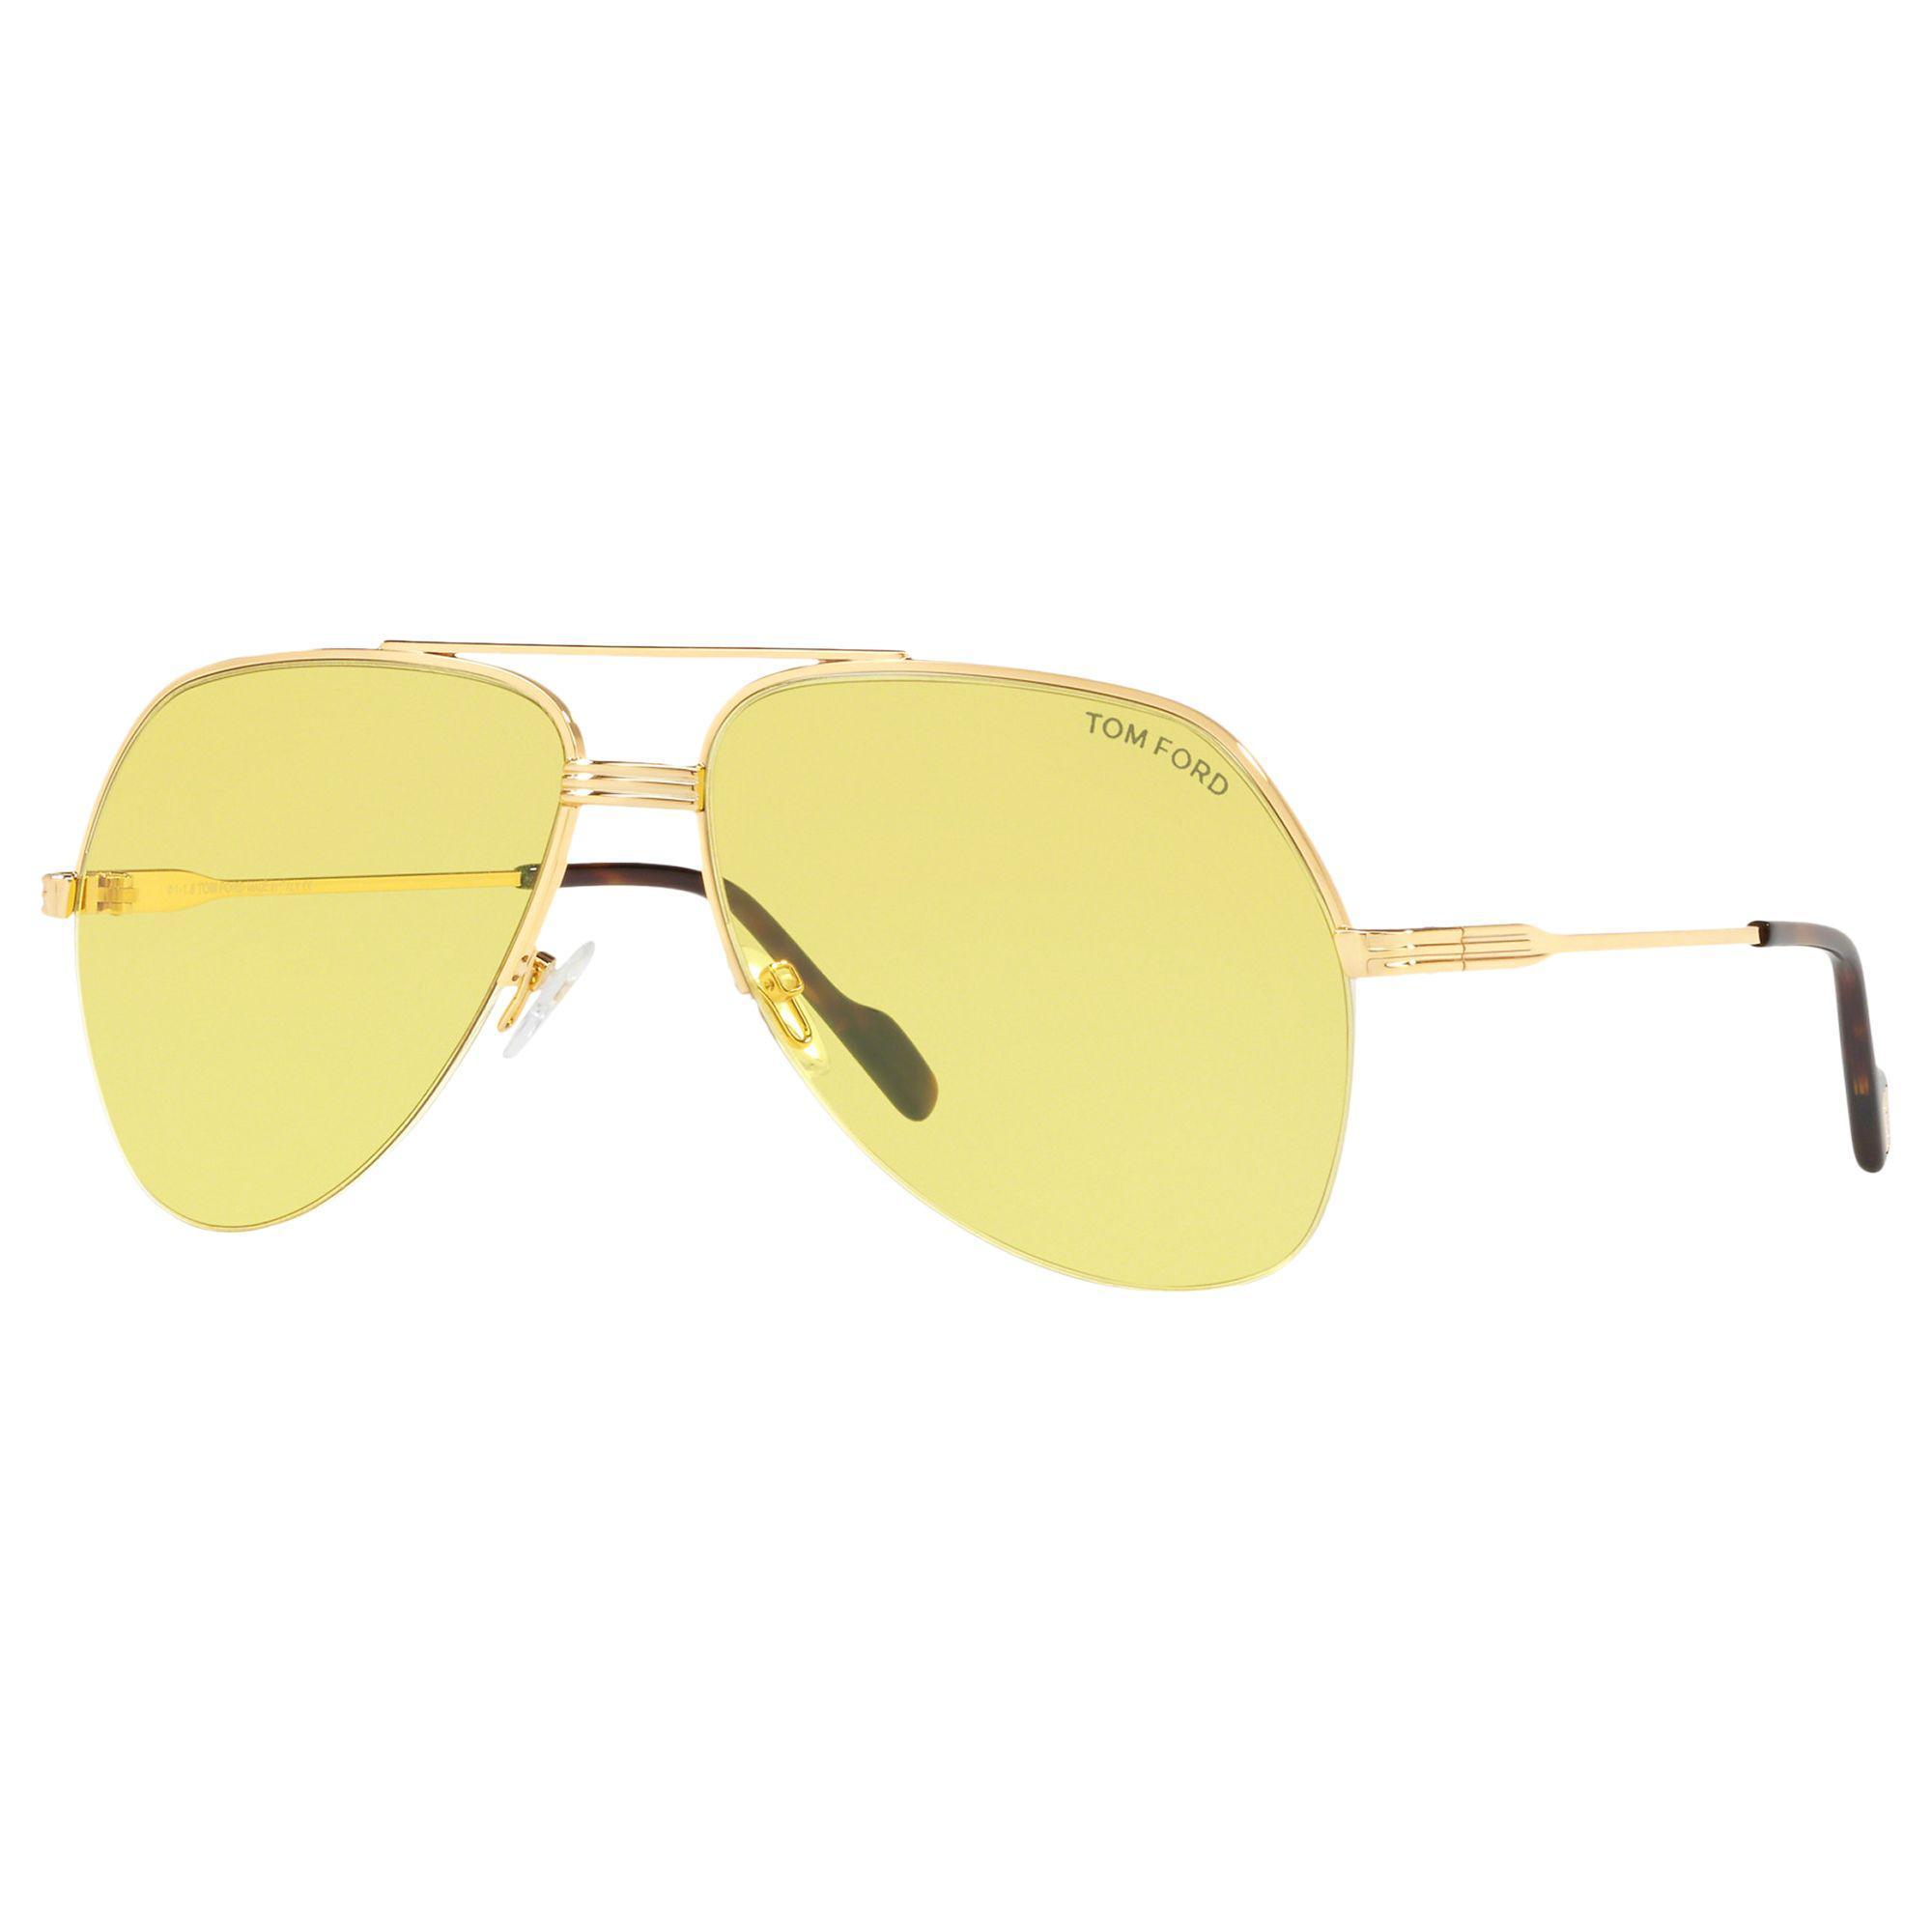 dfec3875c4006 Tom Ford Ft0644 Wilder Men s Aviator Sunglasses for Men - Lyst